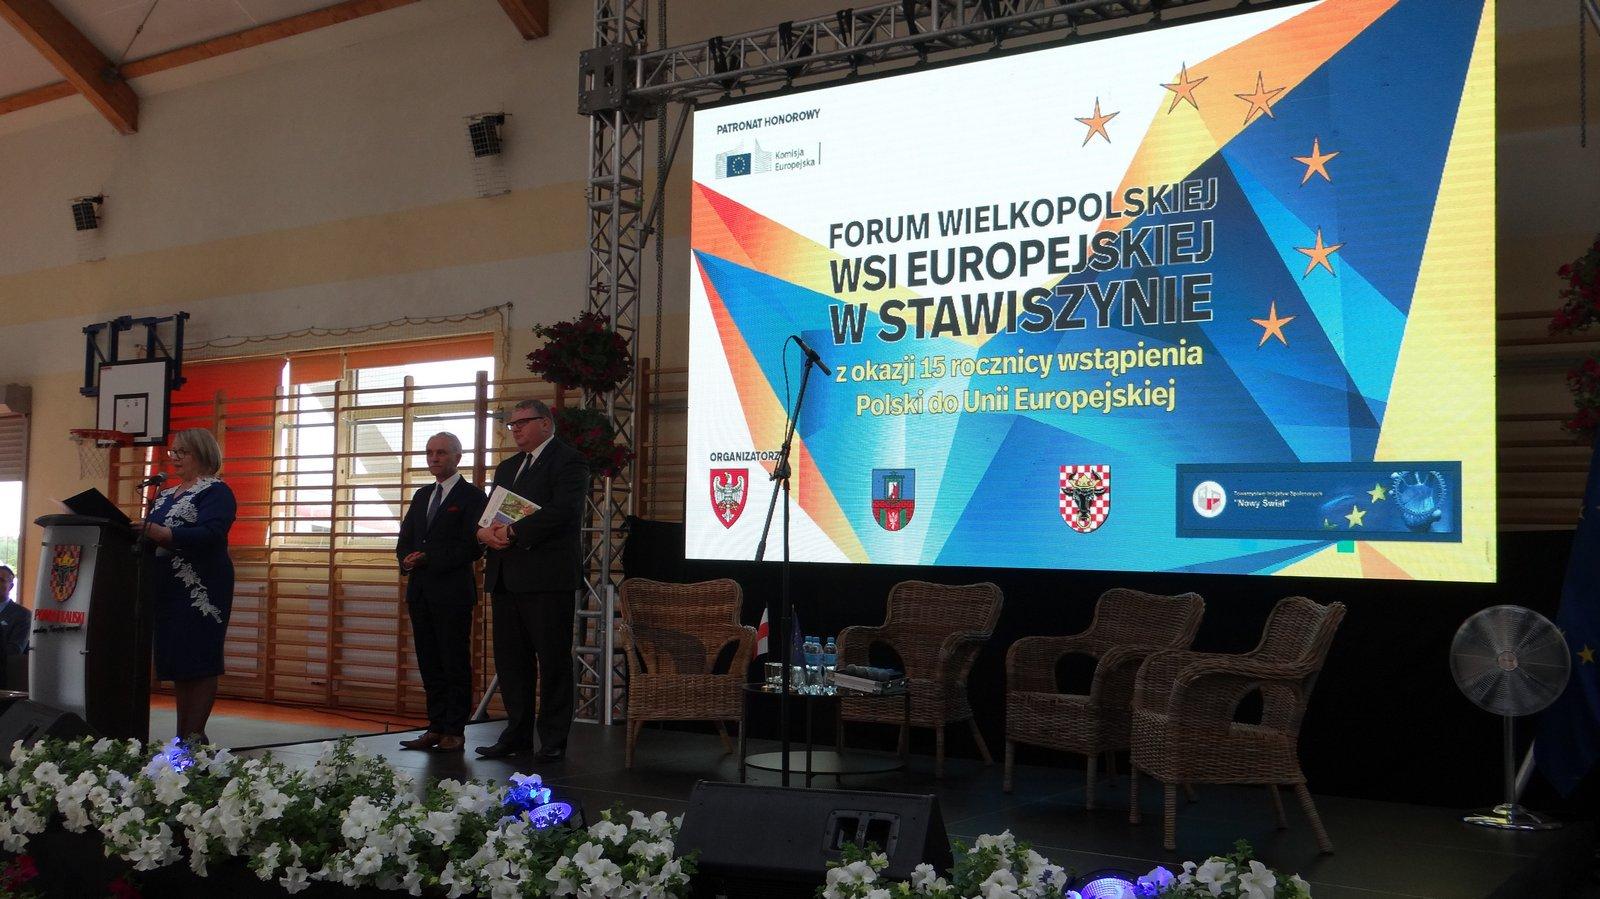 dsc09469 - Wielkopolska zaradność i pracowitość doceniona na Forum Wielkopolskiej Wsi Europejskiej